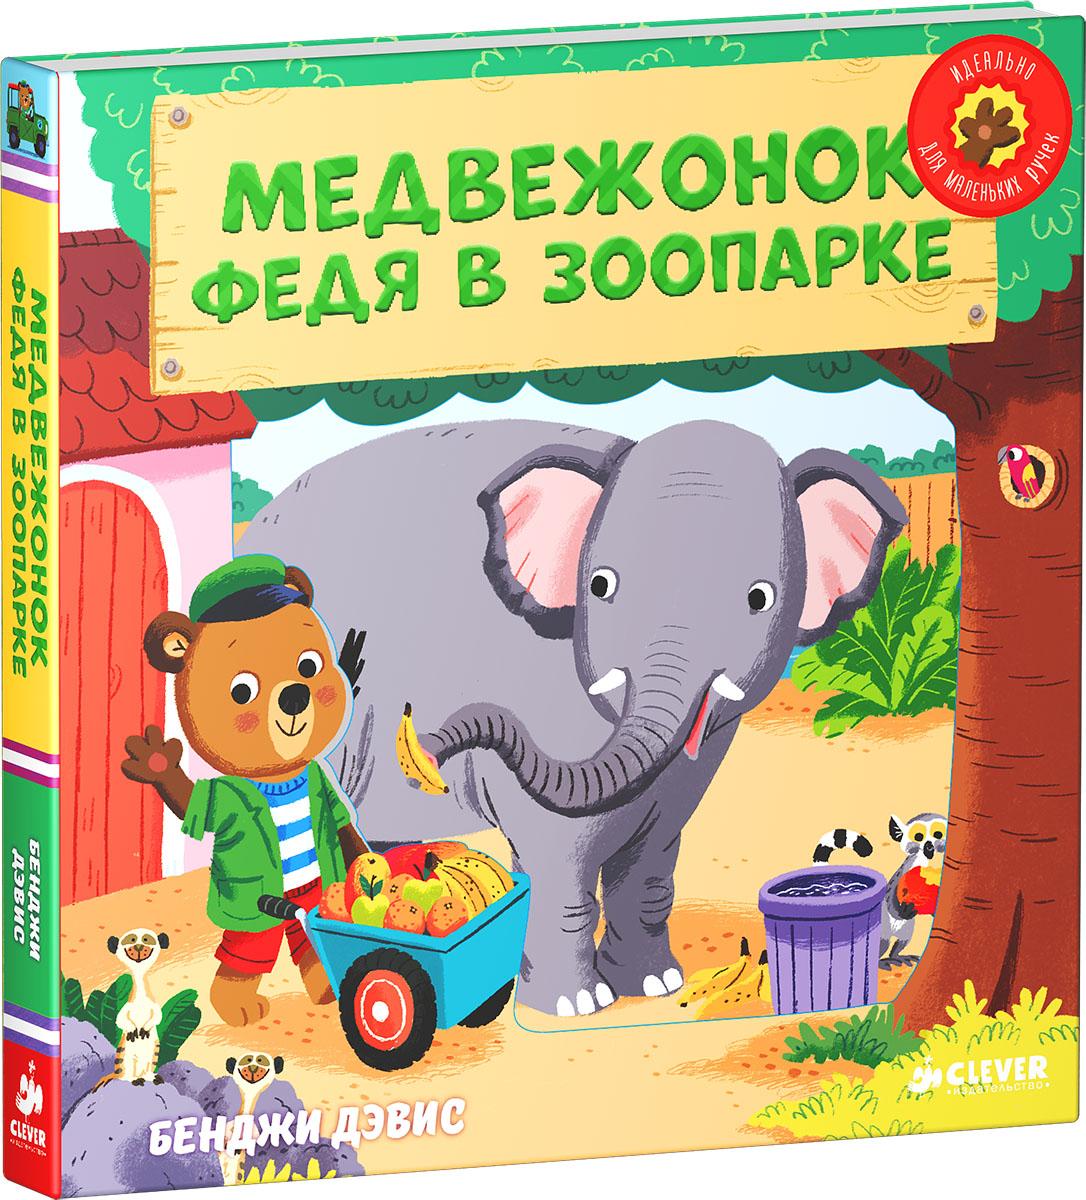 Медвежонок Федя в зоопарке12296407Что вас ждет под обложкой: Увлекательная книжка-игрушка с движущимися элементами про медвежонка Федю, который идет в зоопарк, но не развлекаться, а работать! Федя накормит всех зверей, почистит щёткой крокодила и устроит для малышей мини-сафари. Гид для родителей: Читайте веселые стихи и выполняйте задания. Рассказывайте ребенку о том, как ухаживают за животными, об их особенностях и о том, как правильно вести себя в зоопарке. Расскажите о том, чем питаются животные и в каких странах обитают. Обсудите, за каким именно животным хотел бы ухаживать ваш малыш и почему. Изюминки: Удобный формат, плотные картонные страницы с движущимися деталями. Два в одном: познавательная книга для знакомства с окружающим миром и игра для развития мелкой моторики и внимания. Возраст: от 1 года до 3 лет. Книги данной линейки более 20 лет популярны в Европе!